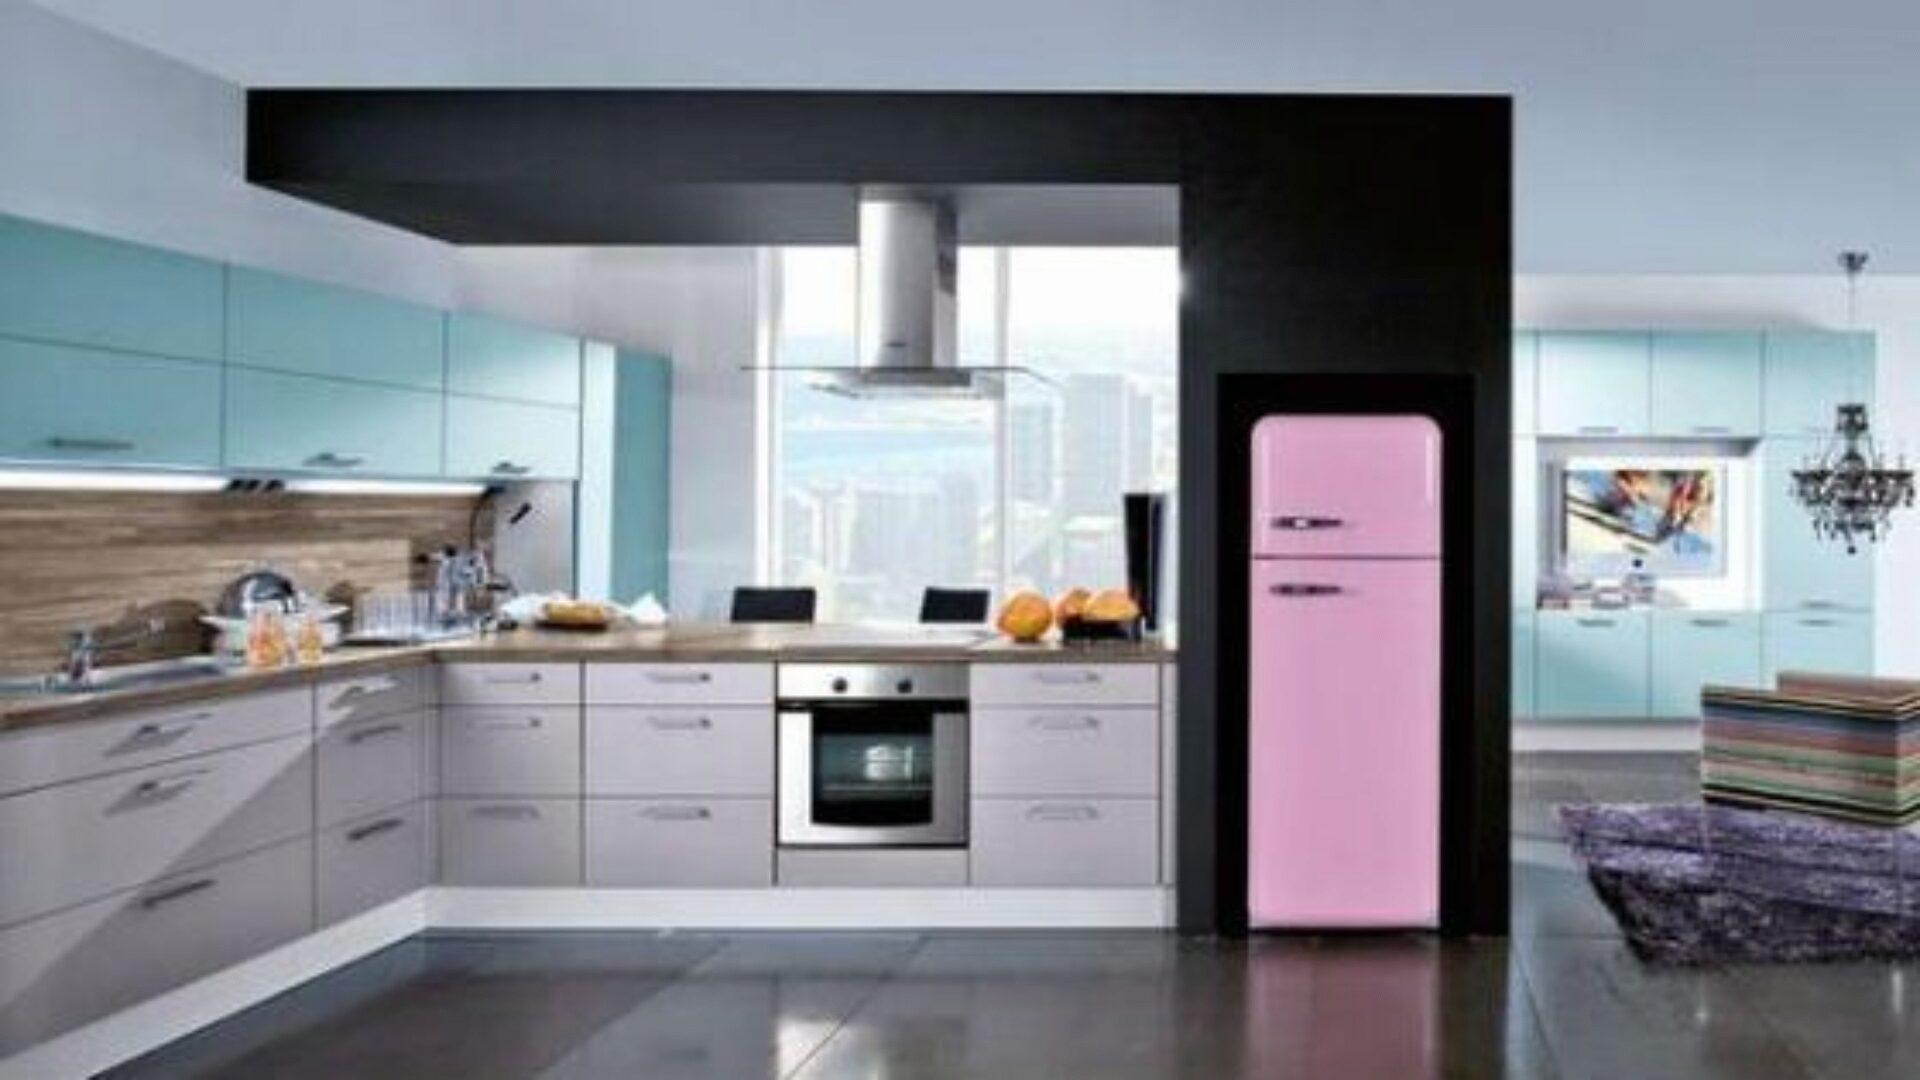 Холодильник не должен стоять близко от плиты